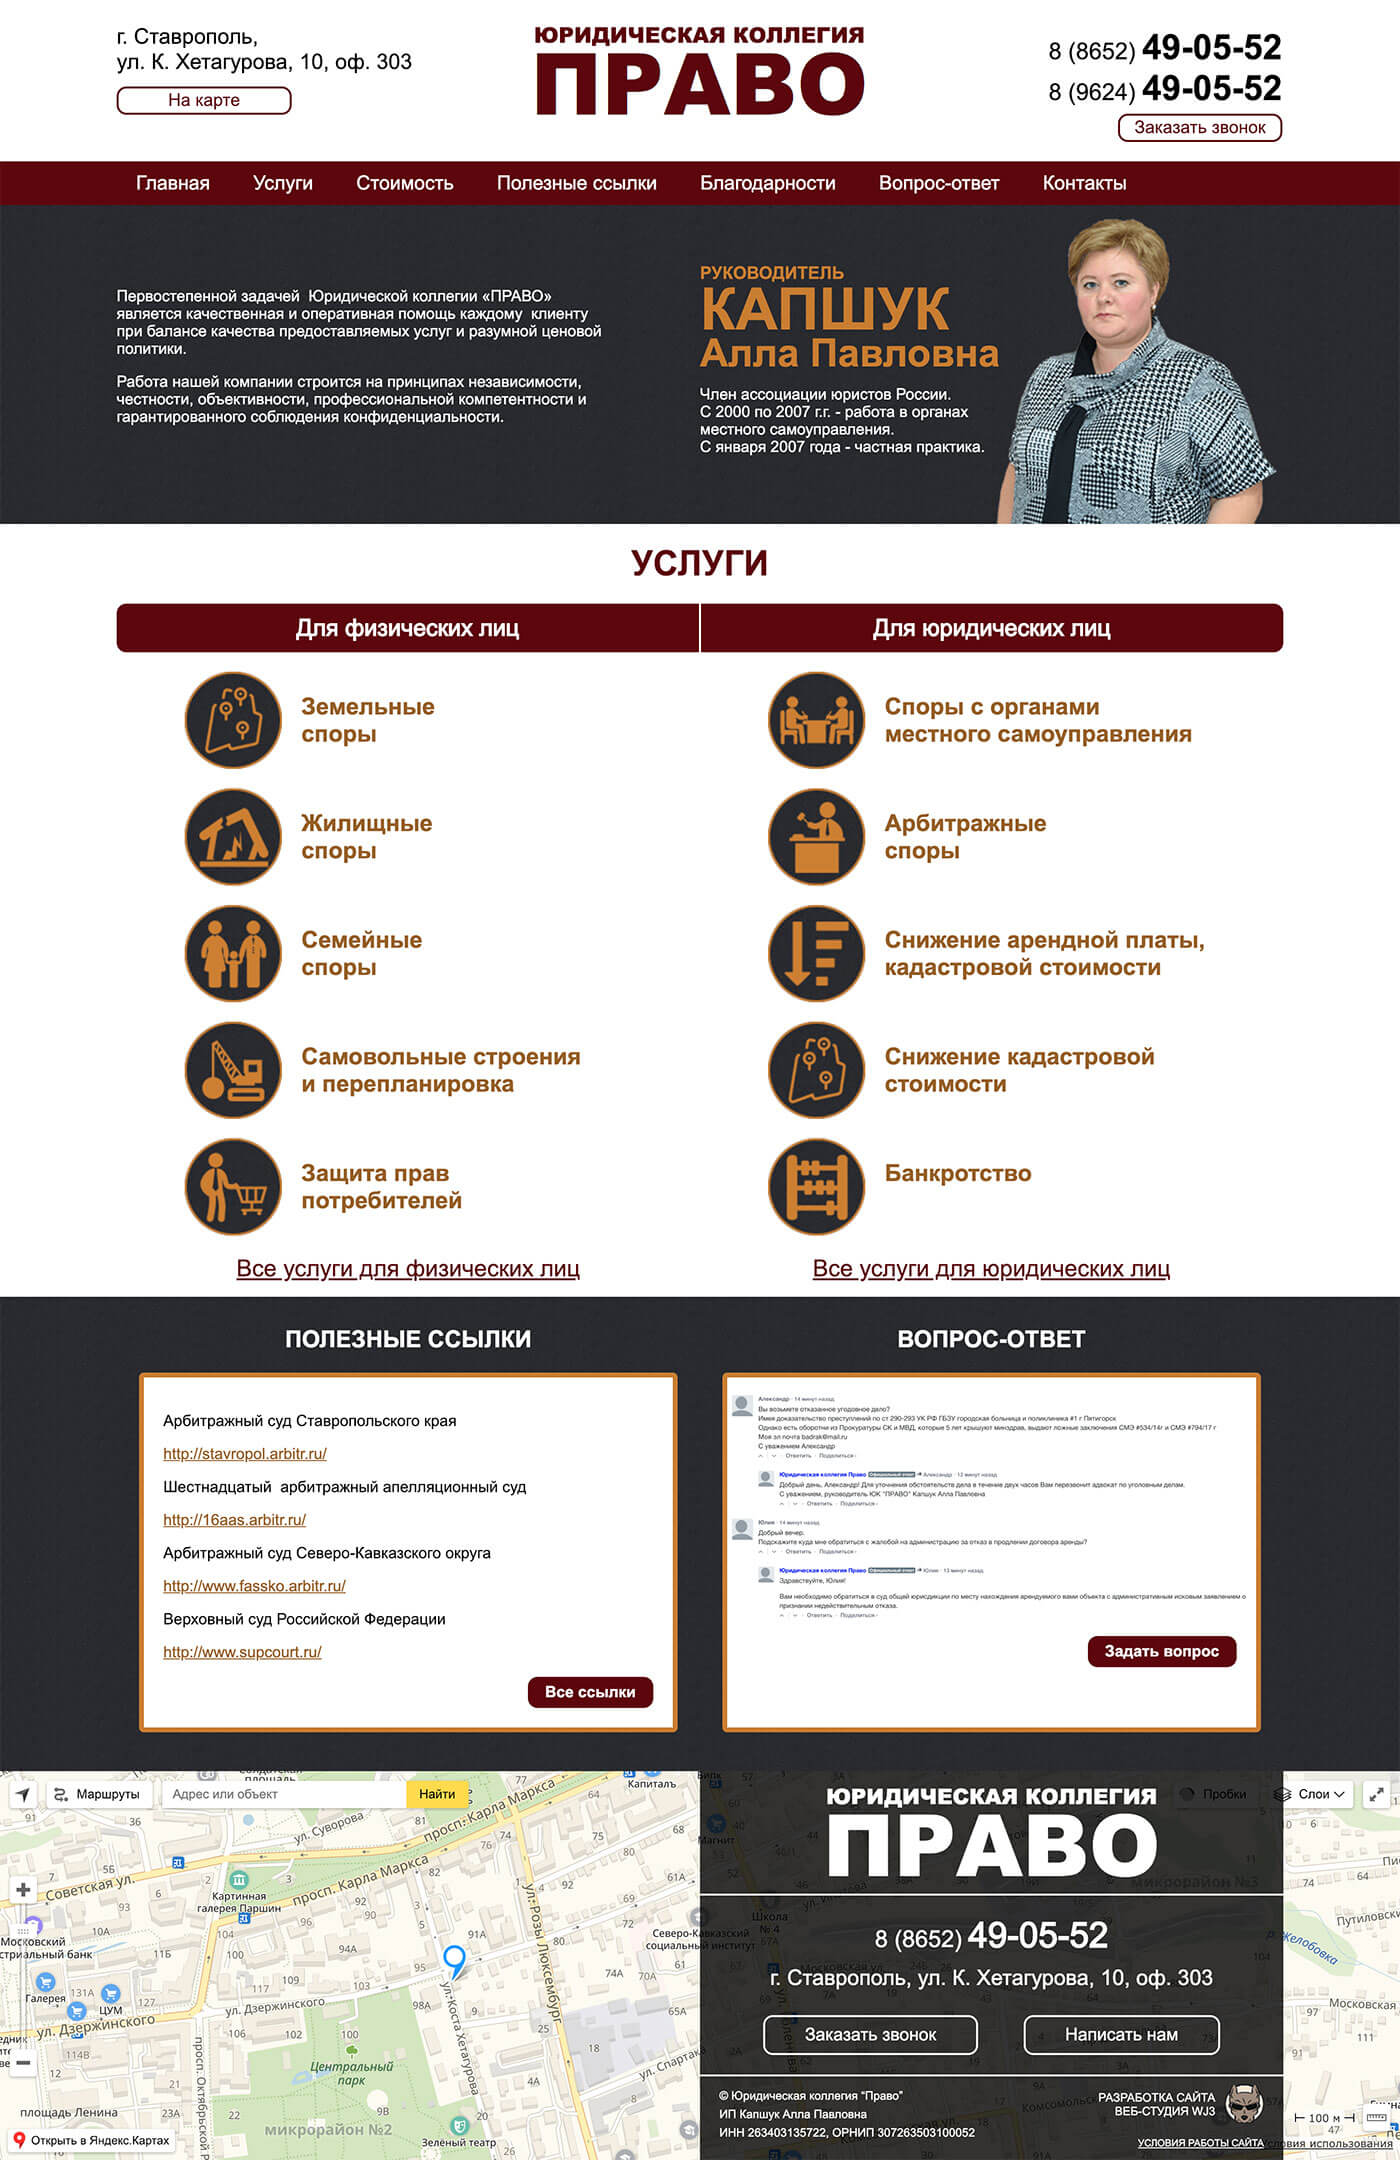 Сайт юридической коллегии Право в Ставрополе